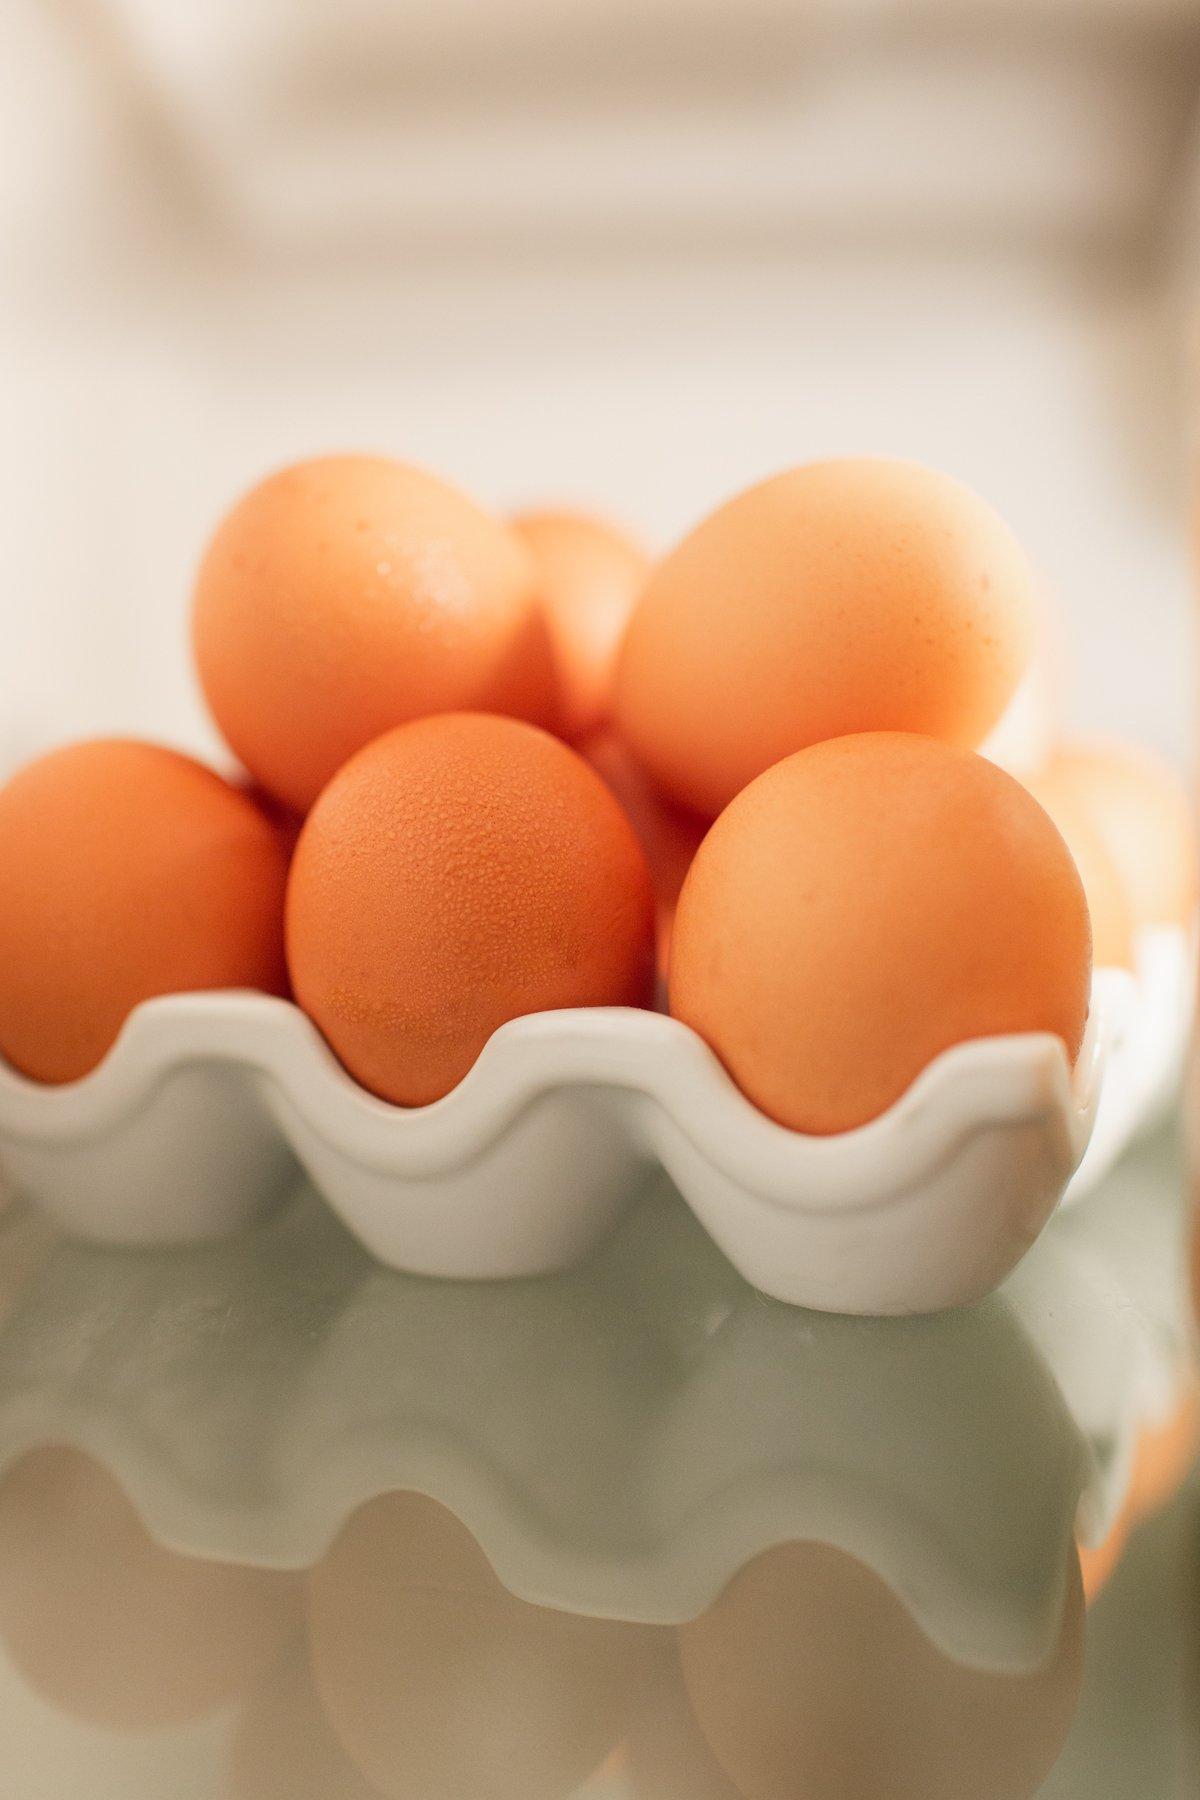 egg organizer for fridge